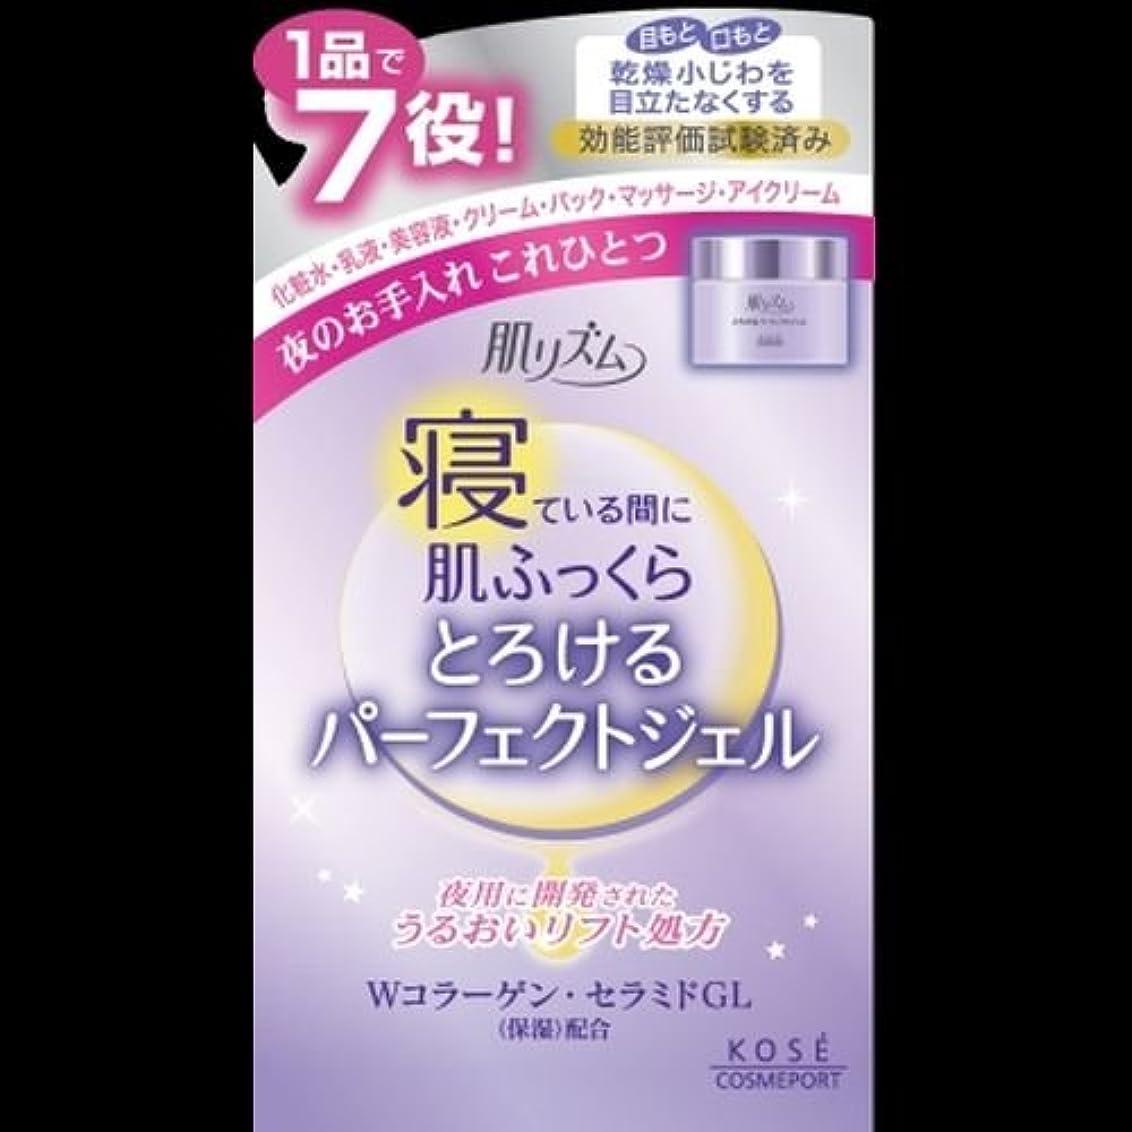 育成増幅ペインコーセー 肌リズム うるおい濃密ジェル 100g ×2セット